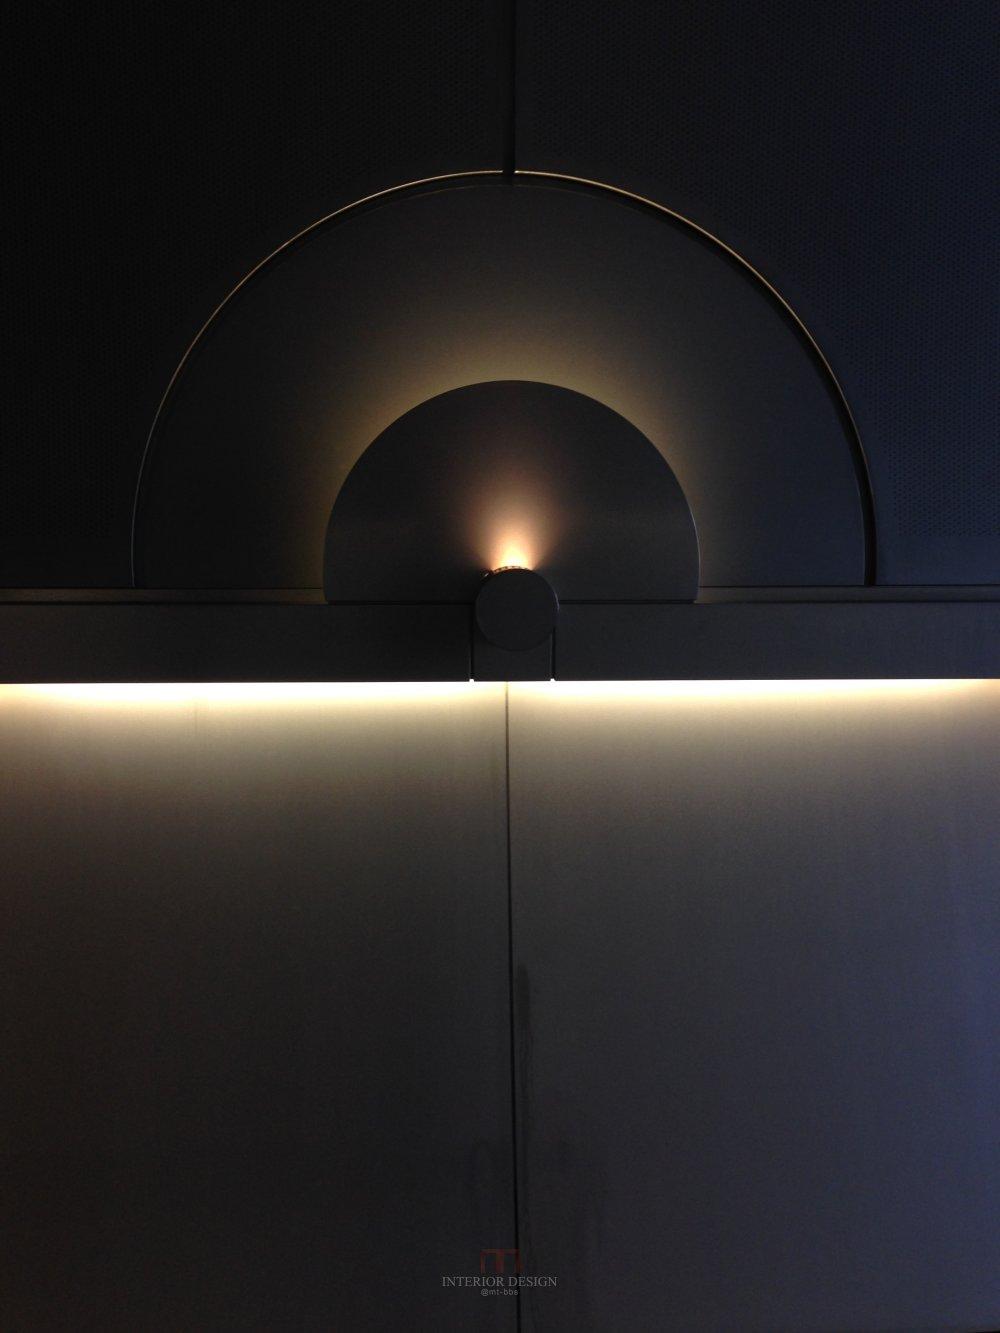 日本美秀美术馆MIHO MUSEUM自拍分享-贝聿铭_IMG_7157.JPG